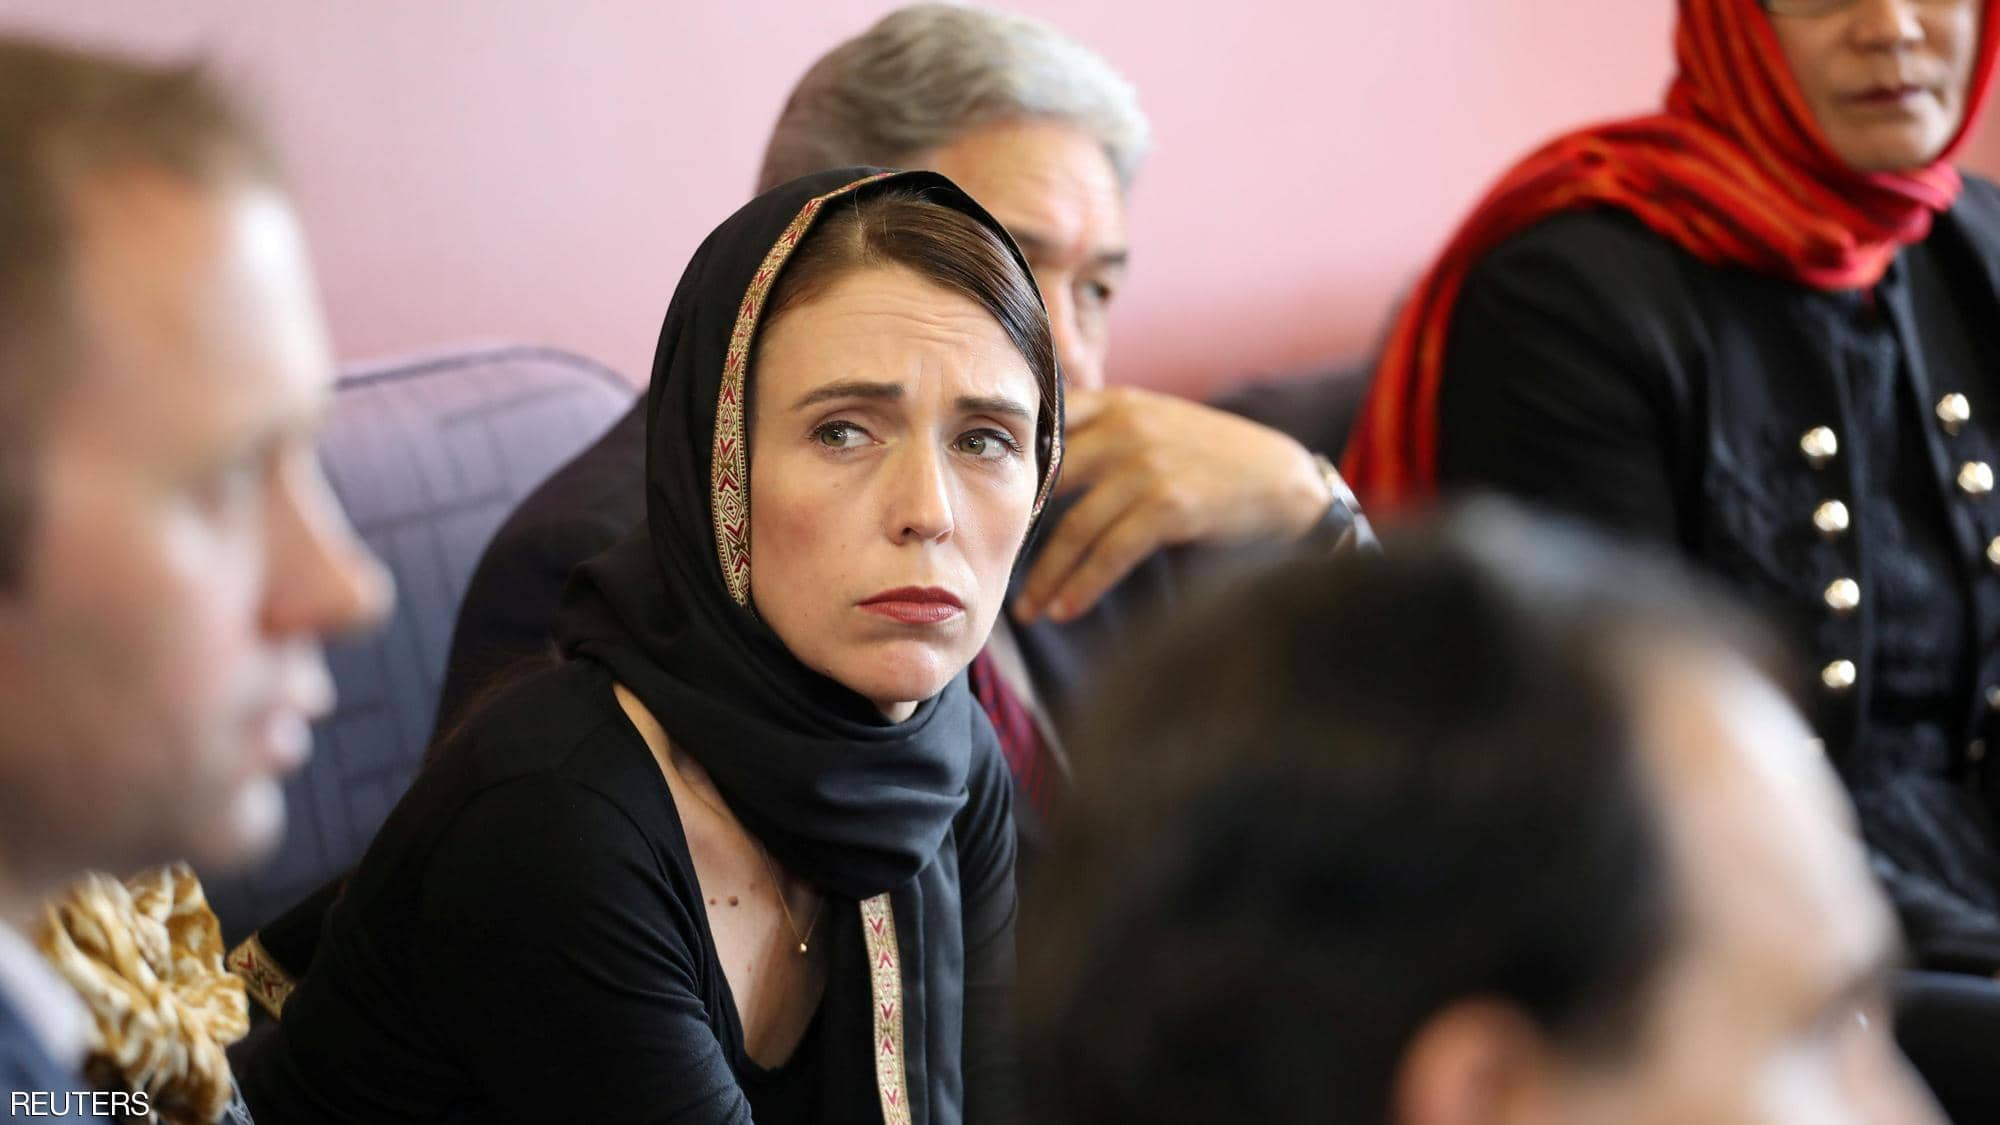 Премьер-министр Новой Зеландии: мы солидарны с мусульманской общиной в самые тяжкие дни